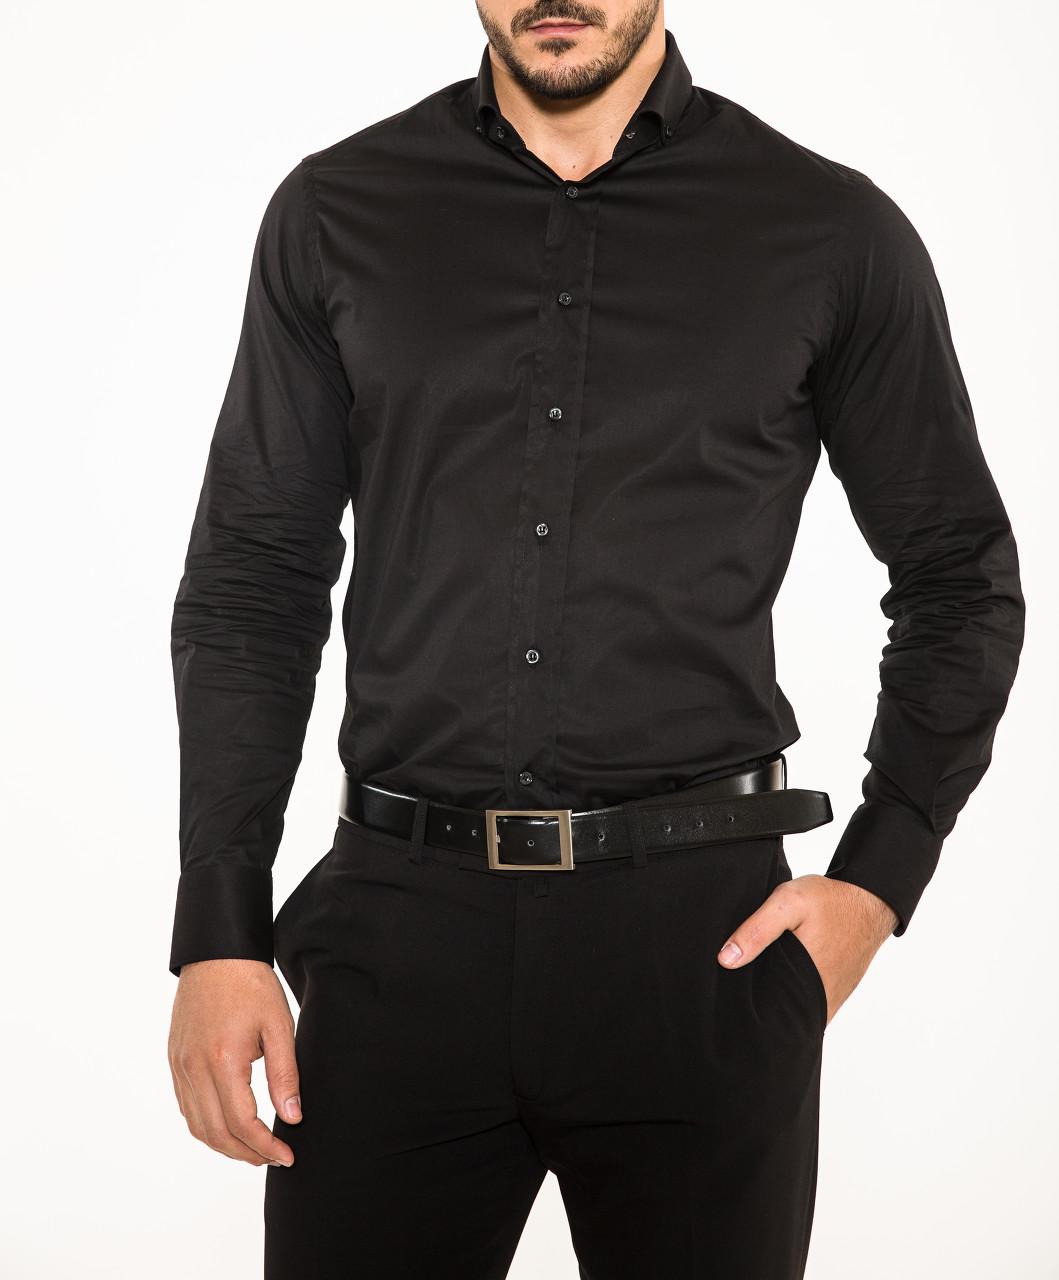 男士穿搭技巧 定制衬衫这么穿